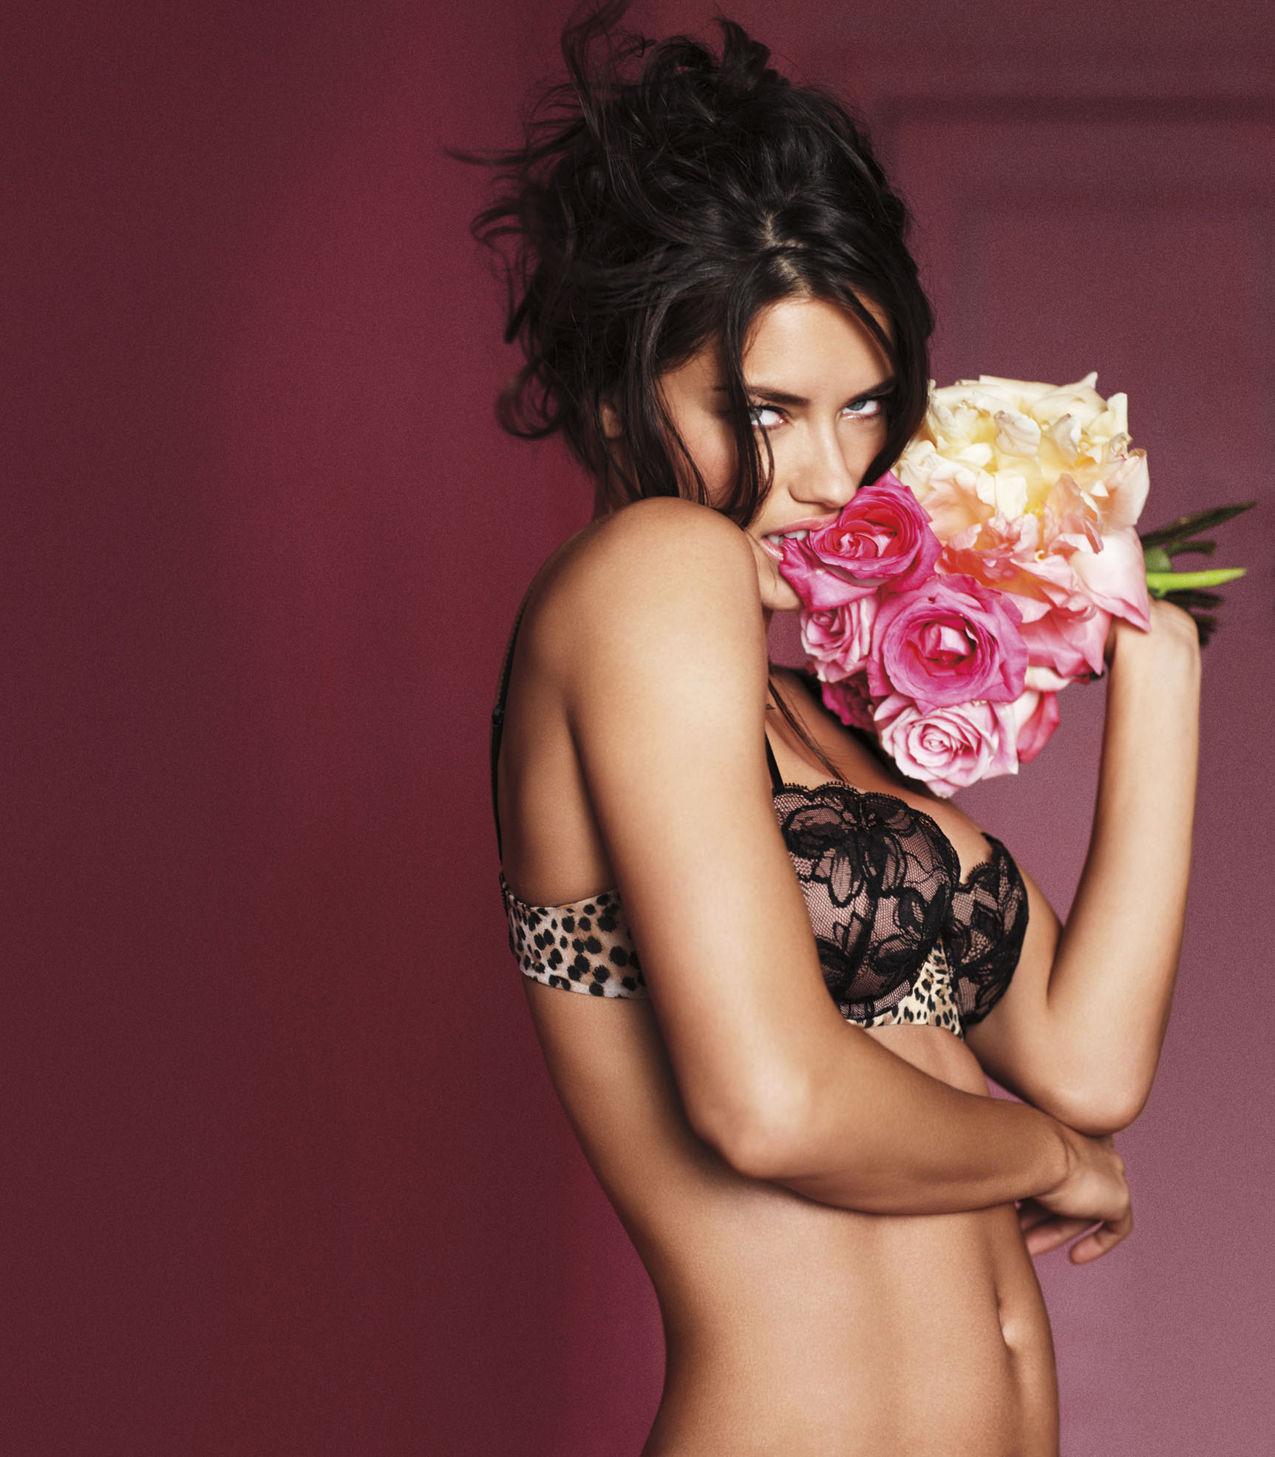 http://2.bp.blogspot.com/-QMKe1IWCcI8/TmECHkswFrI/AAAAAAAAAI0/umpSntYaR_Q/s1600/Adriana-Lima-5.jpg